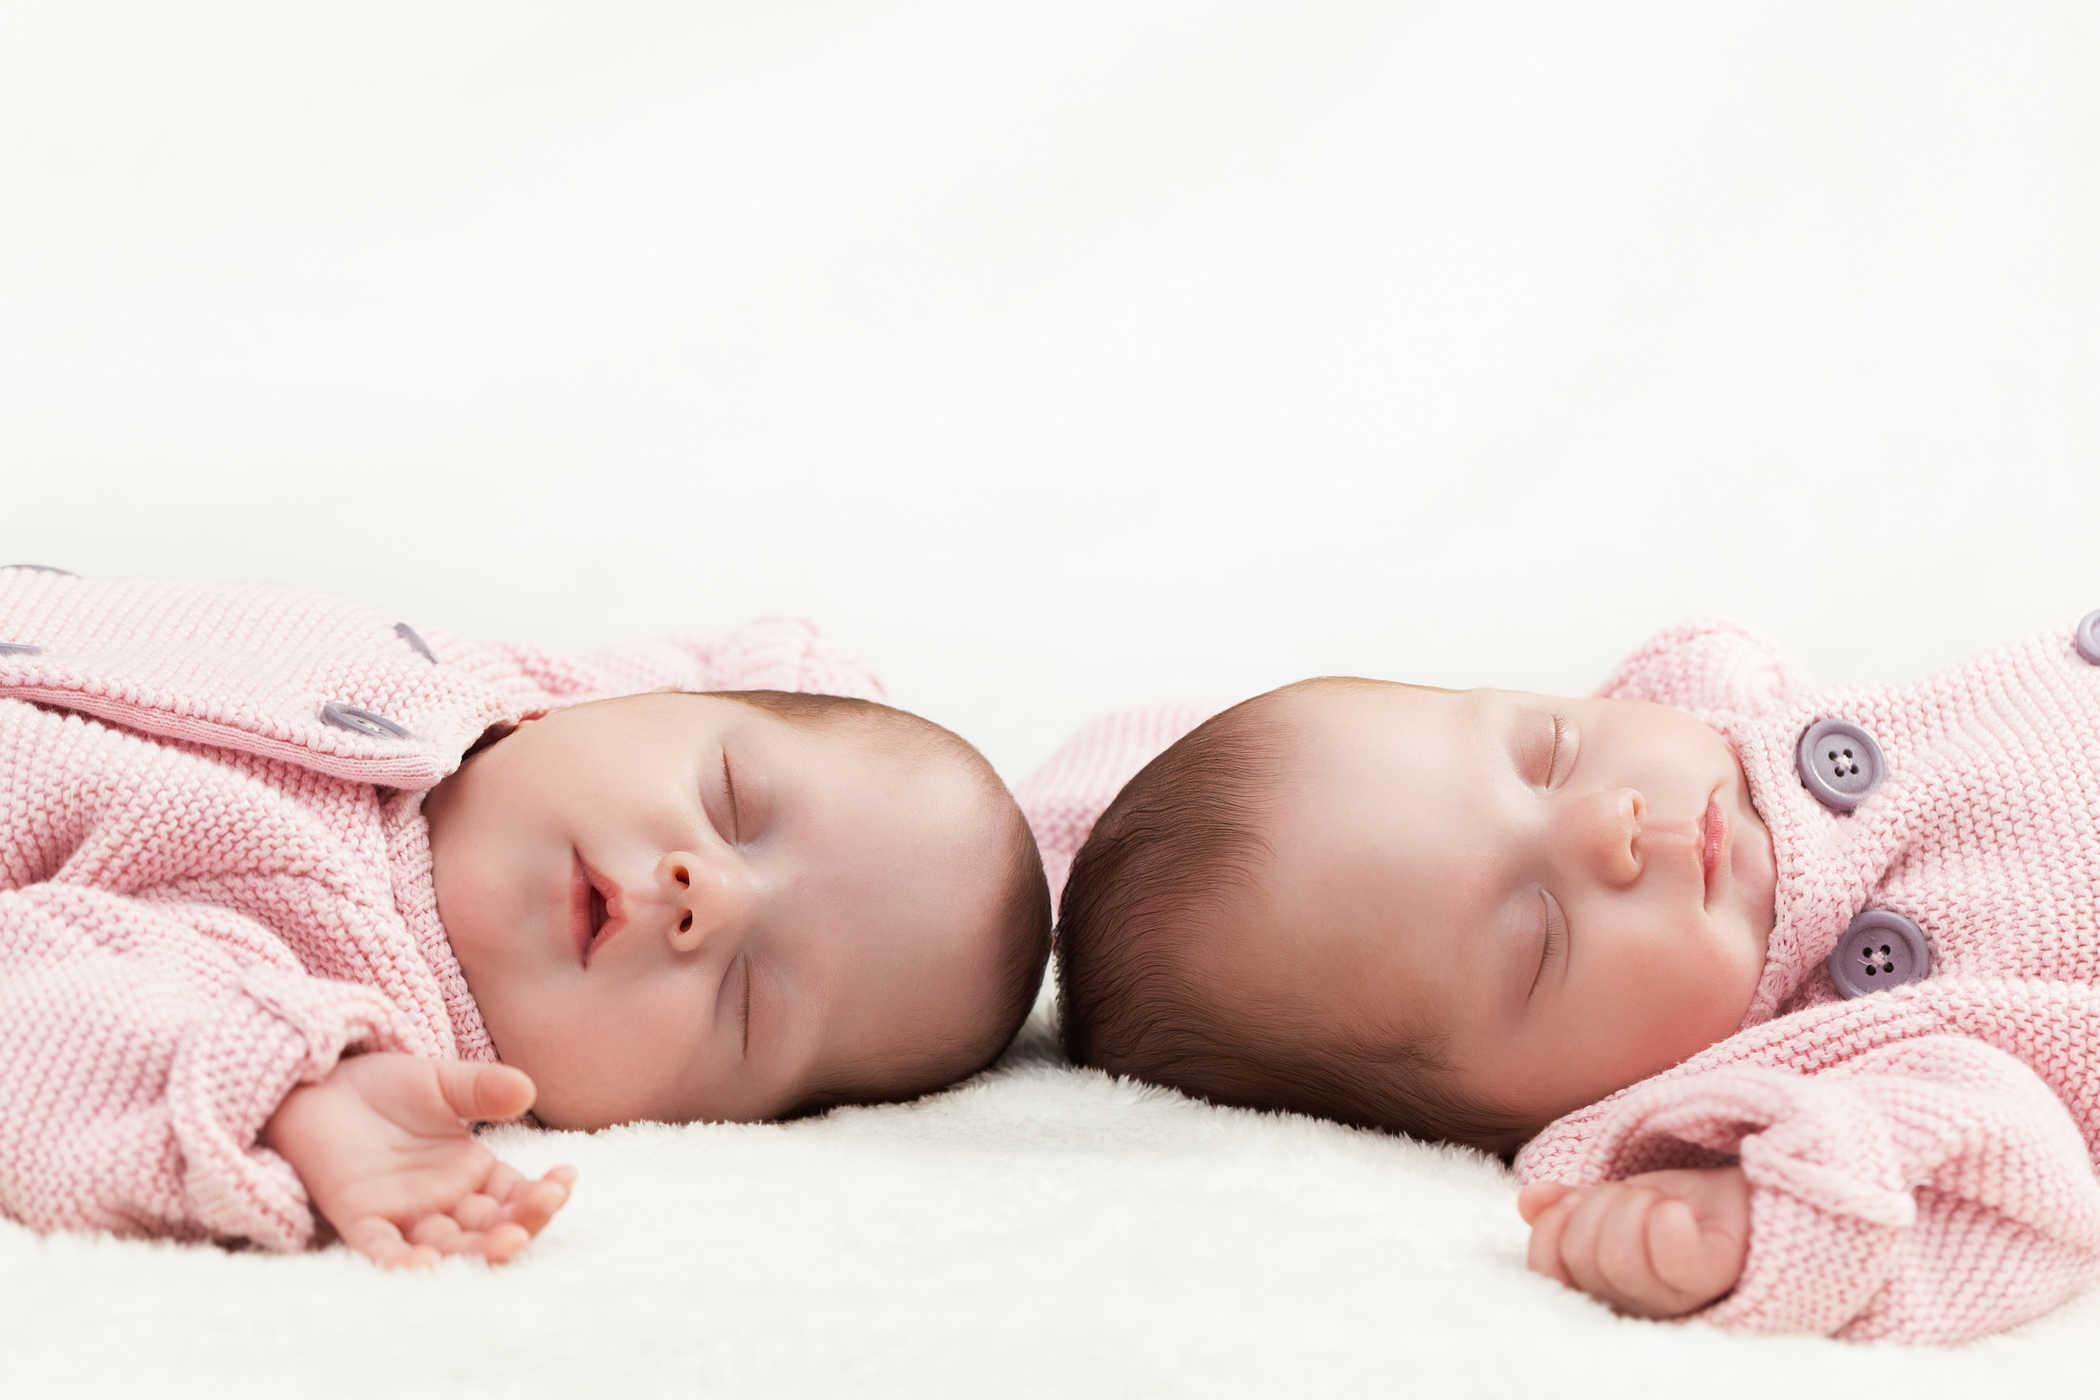 anak kembar. foto: shutterstock